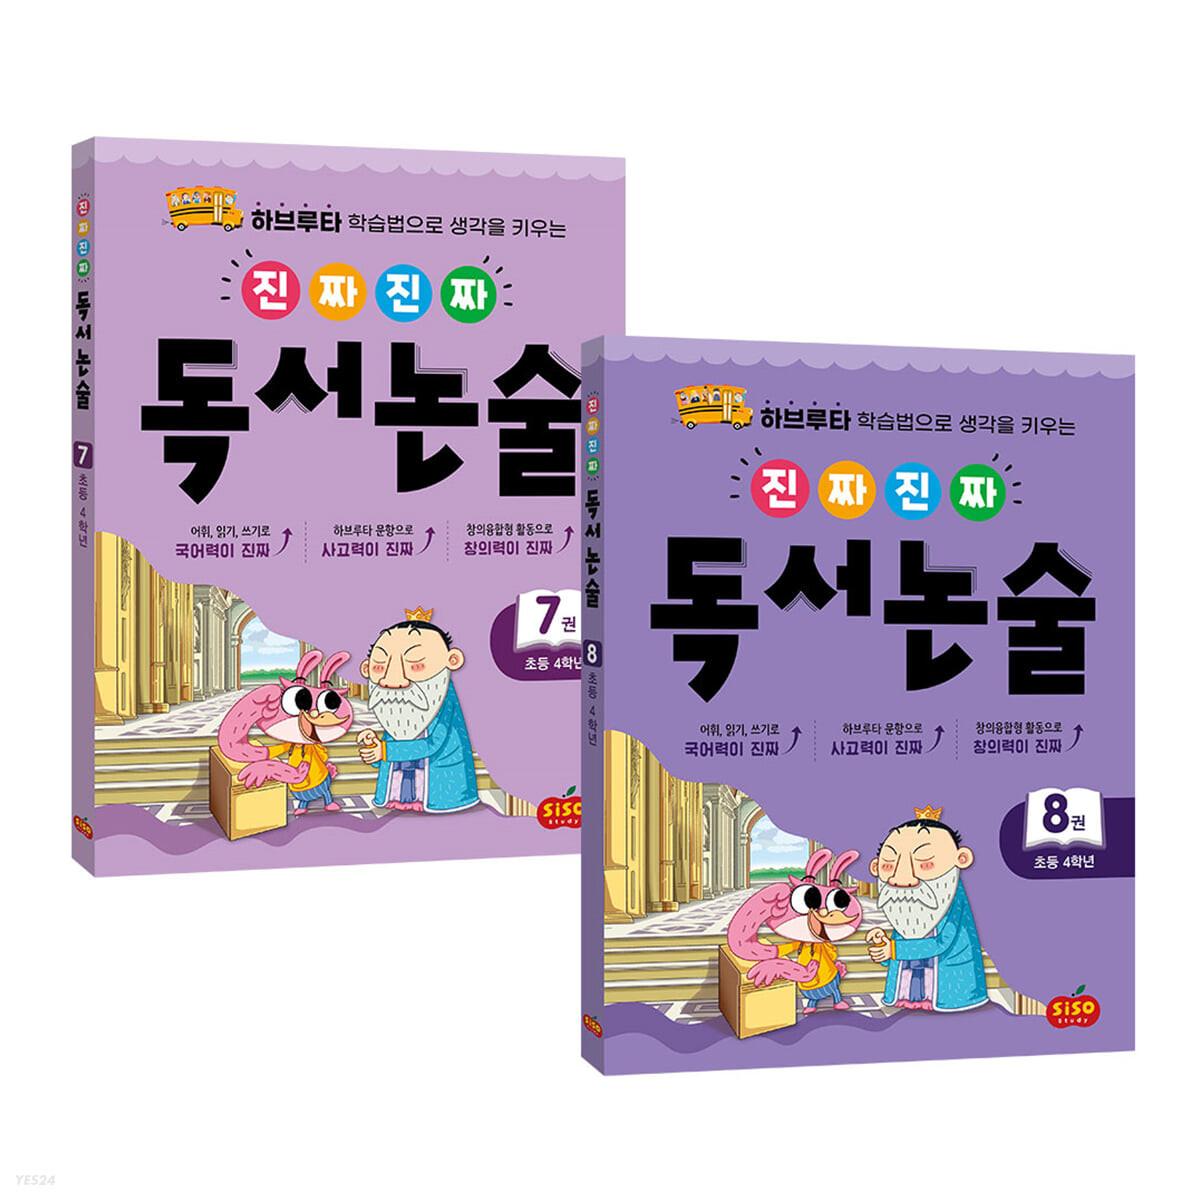 진짜 진짜 독서논술 4학년 세트 (전2권)